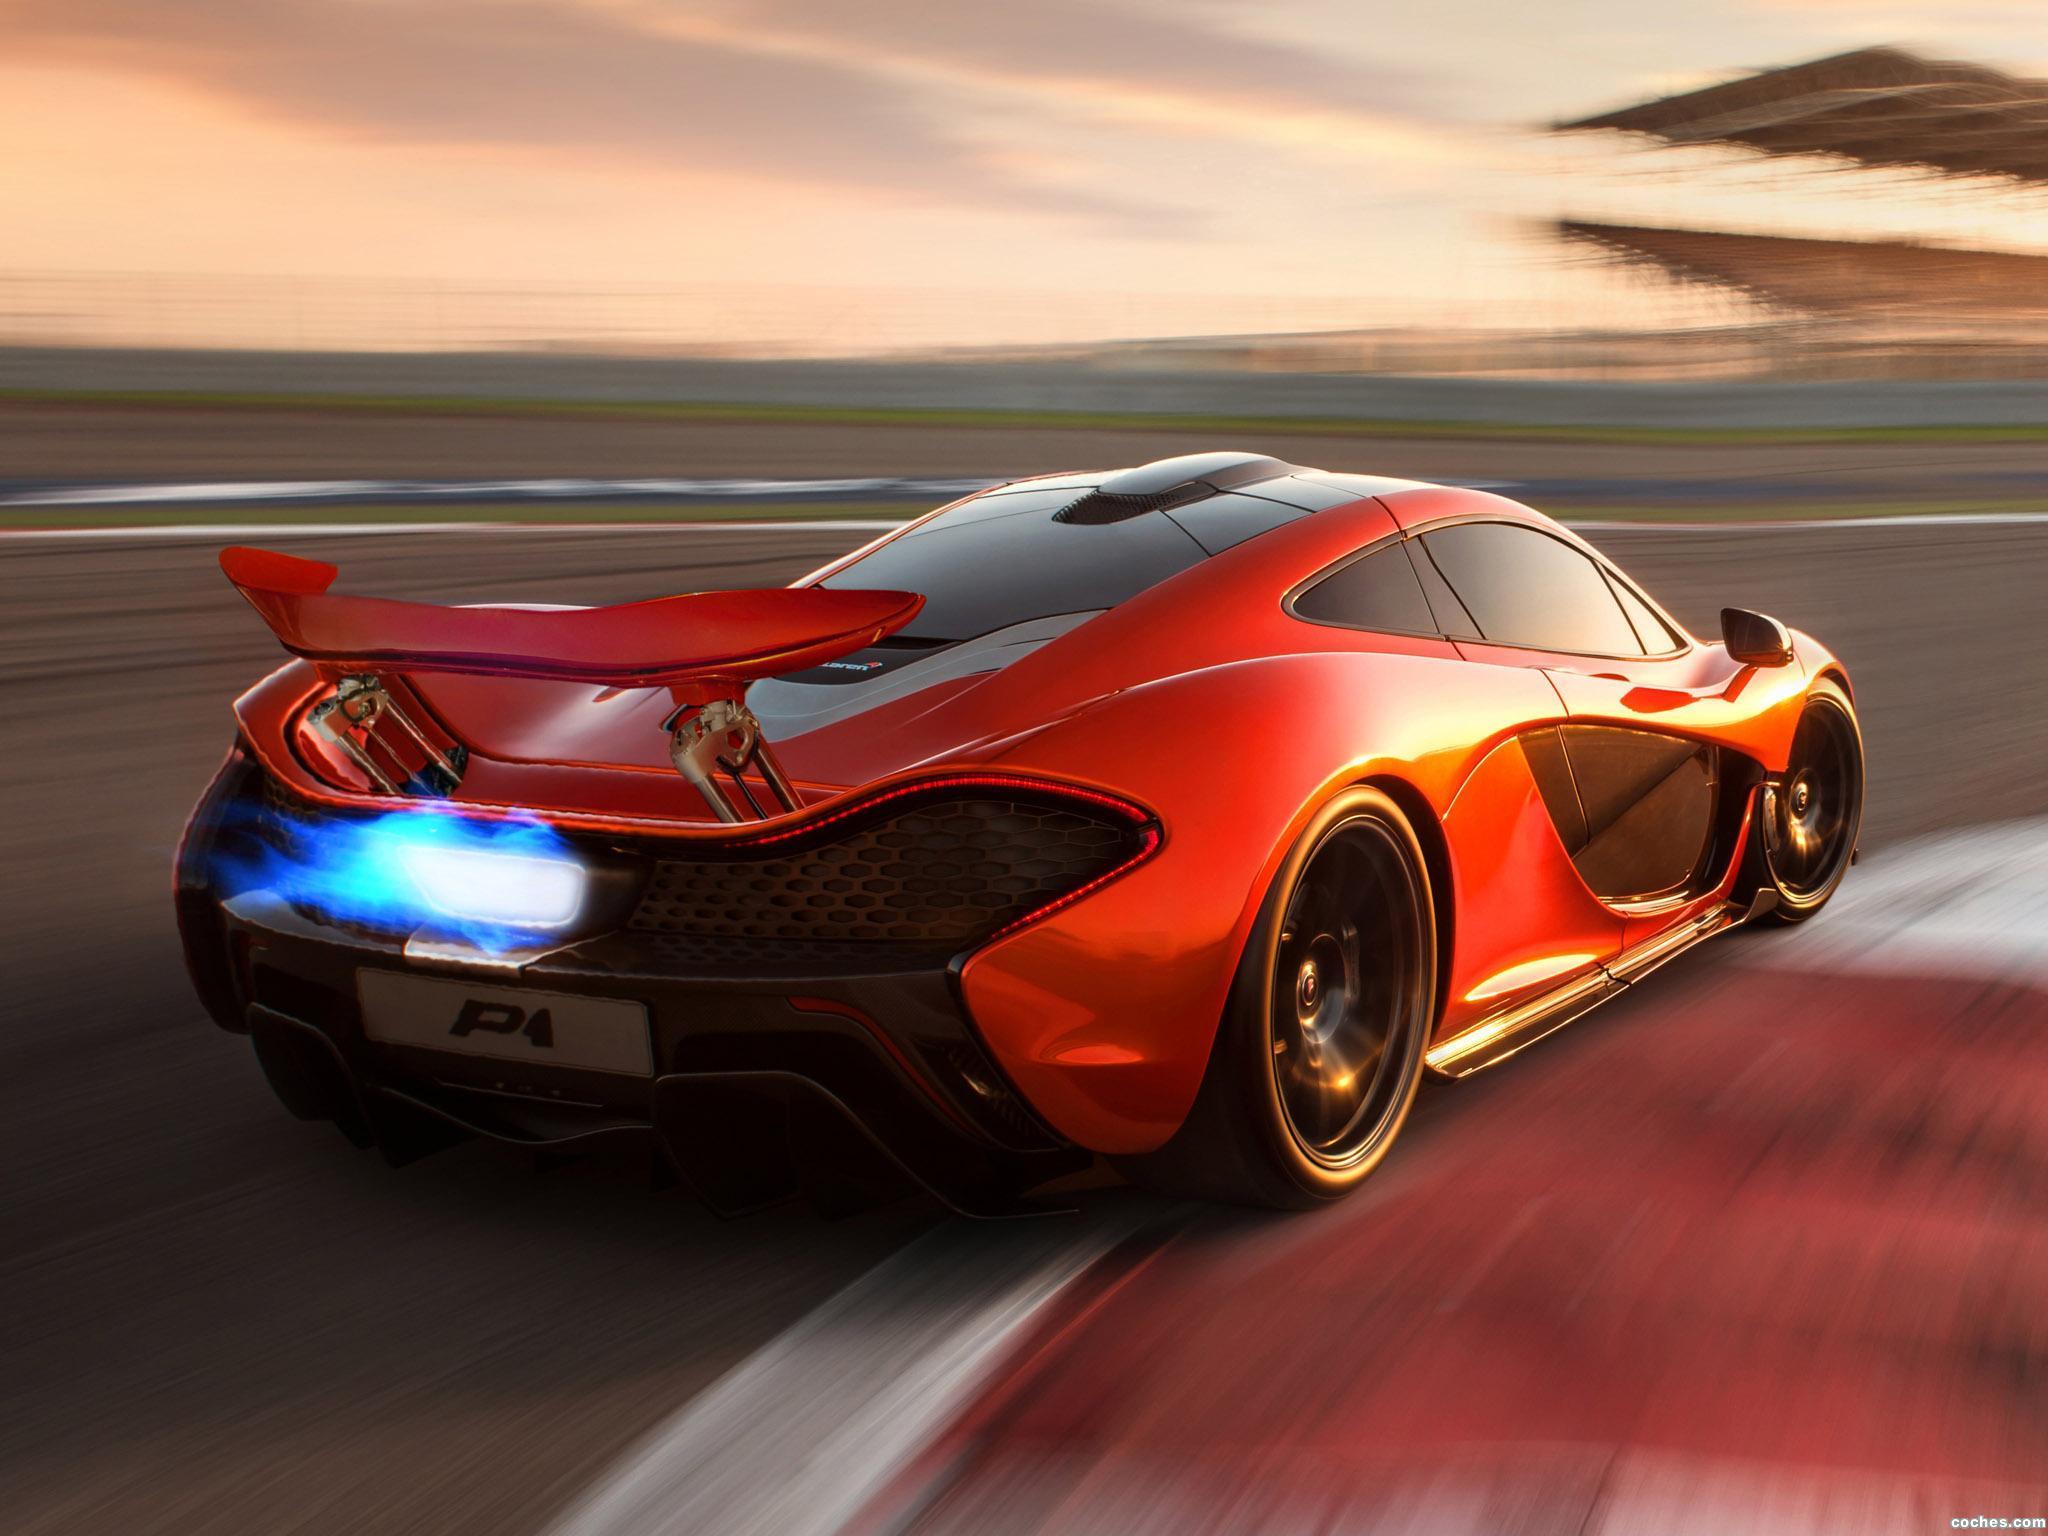 Foto 22 de McLaren P1 2013